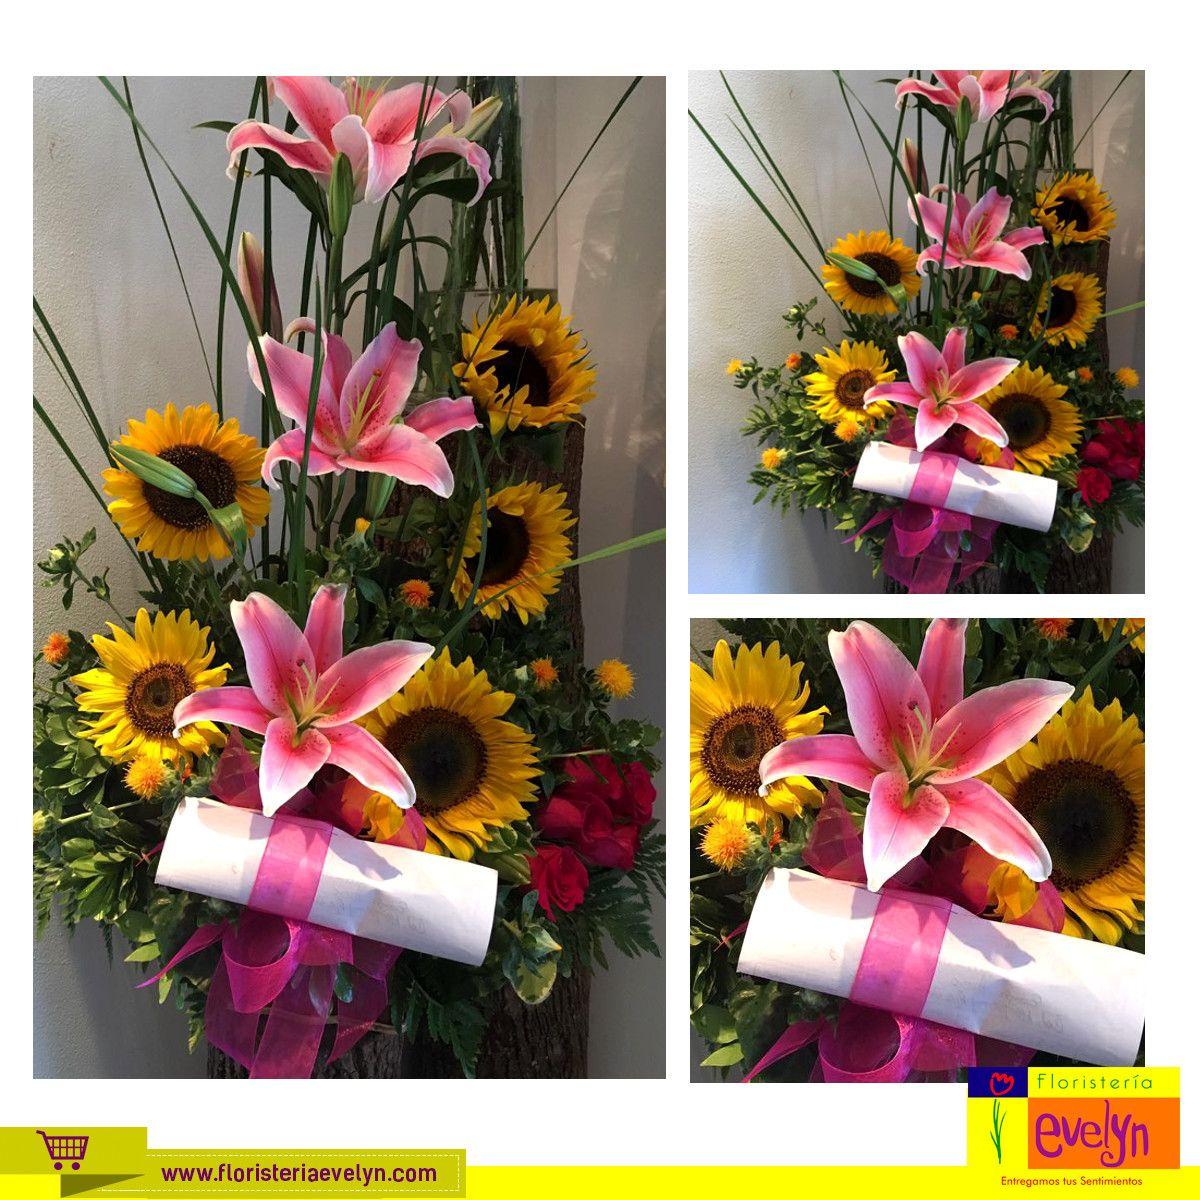 ¿Qué te parece esta bella combinación de #Girasoles #Lirios #Rosas? Llámanos y solicita al tuyo al 2263-2384 o ingresa a nuestra tienda en línea www.floristeriaevelyn.com